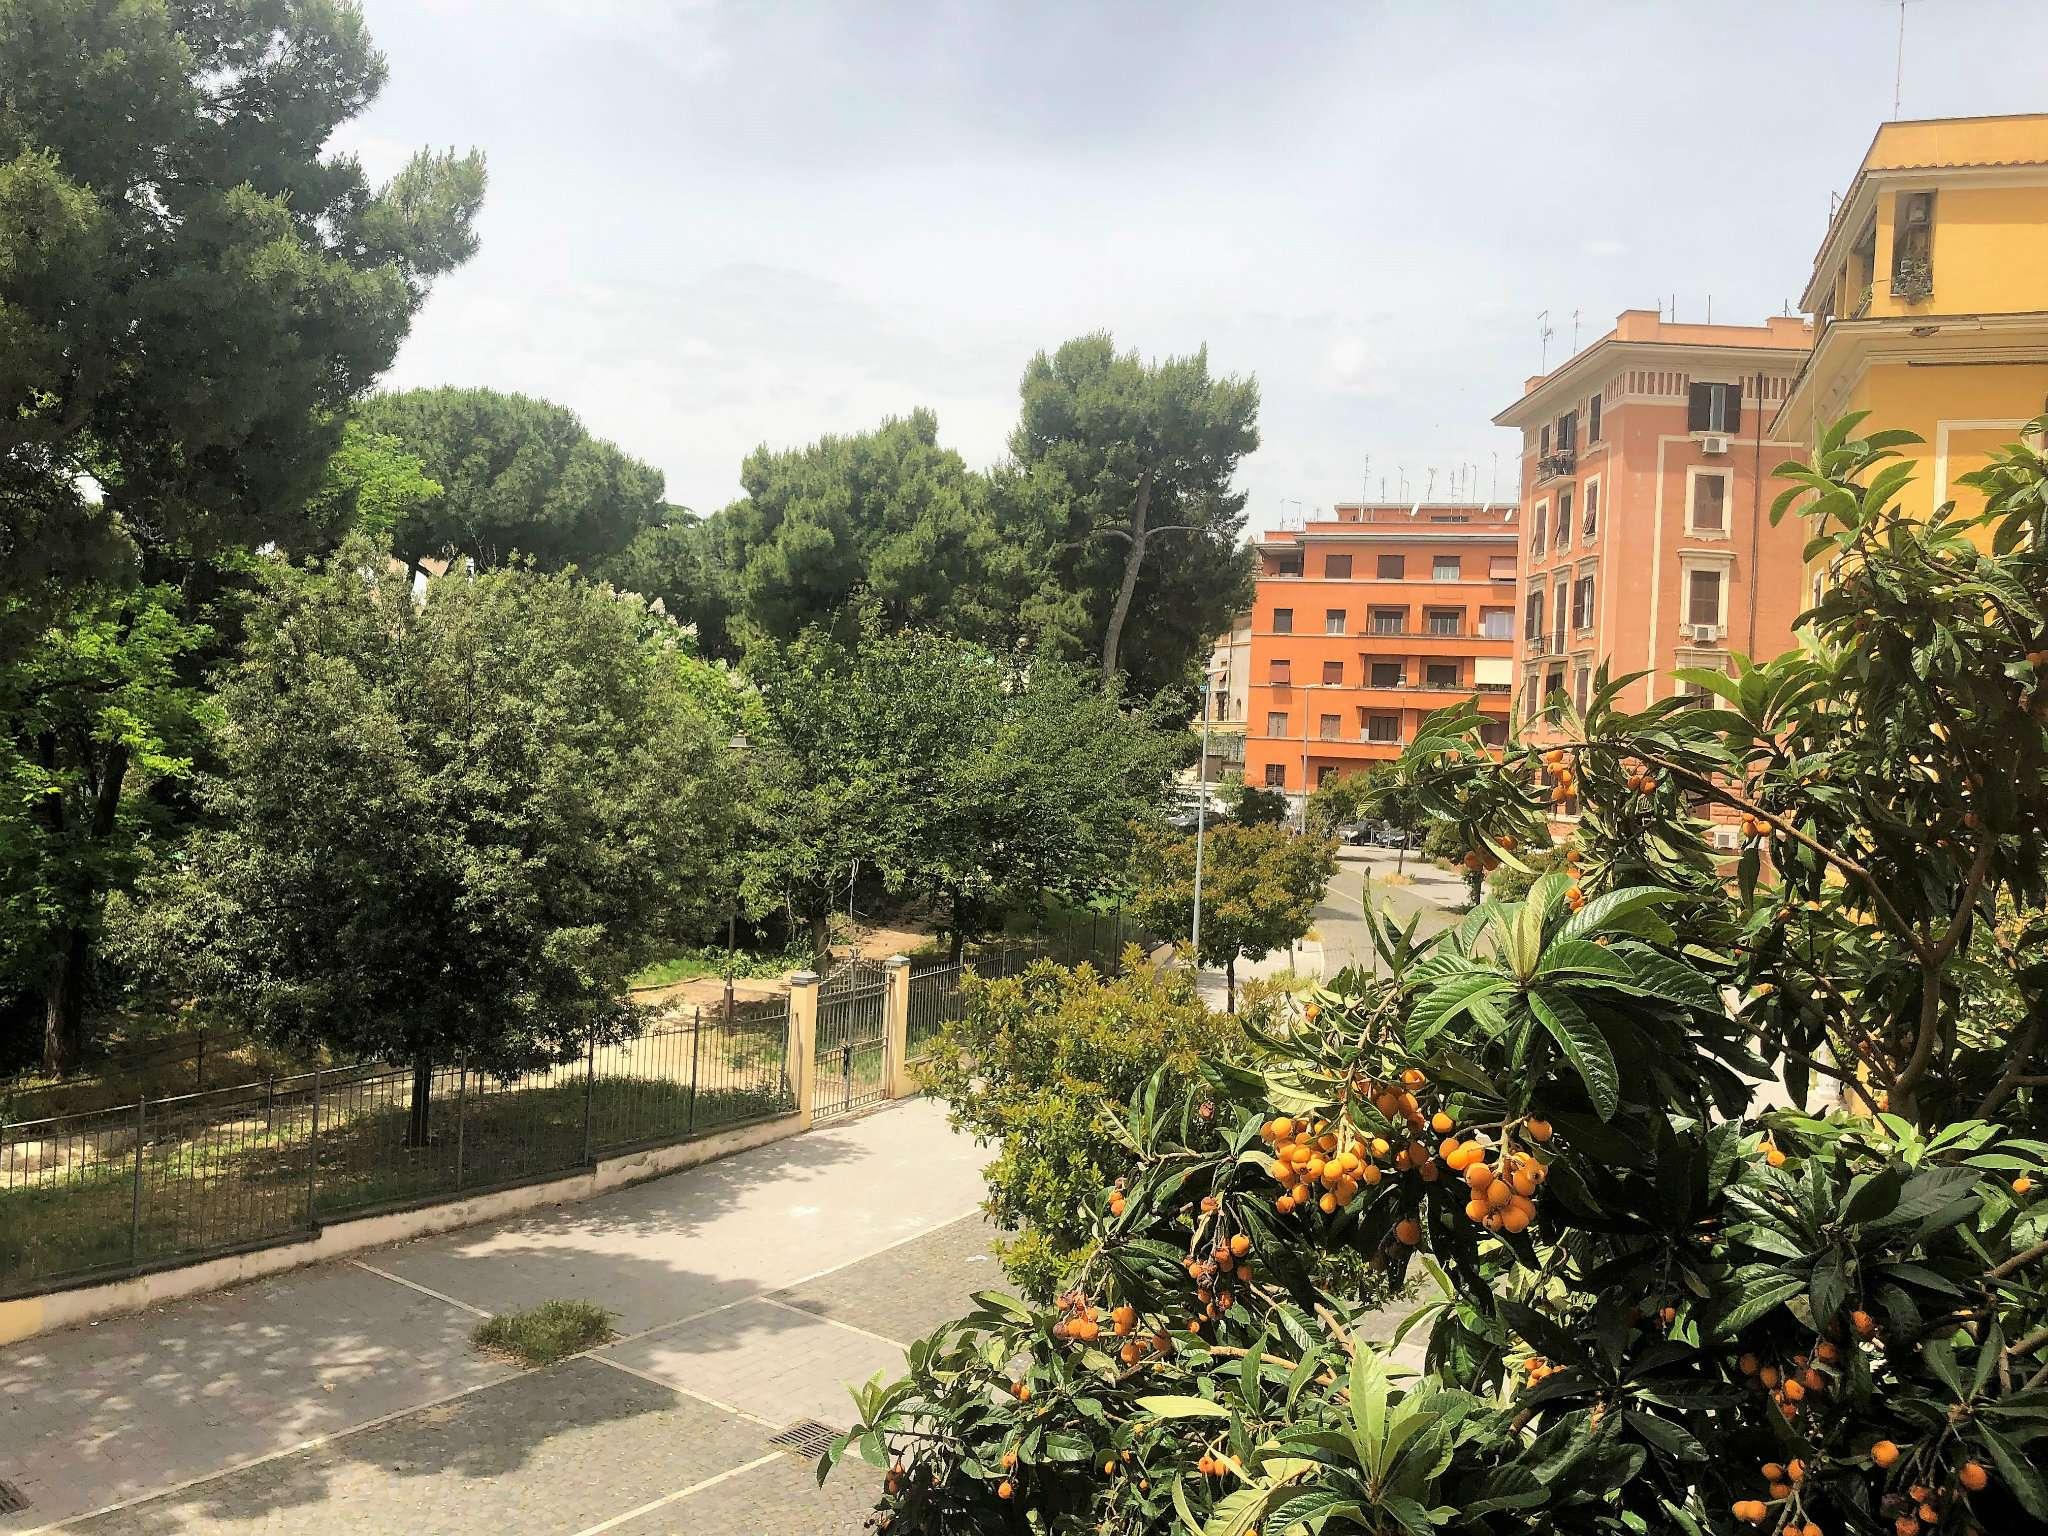 Negozio Lampadari Piazza Zama Roma.Negozio Lampadari Piazza Zama Roma